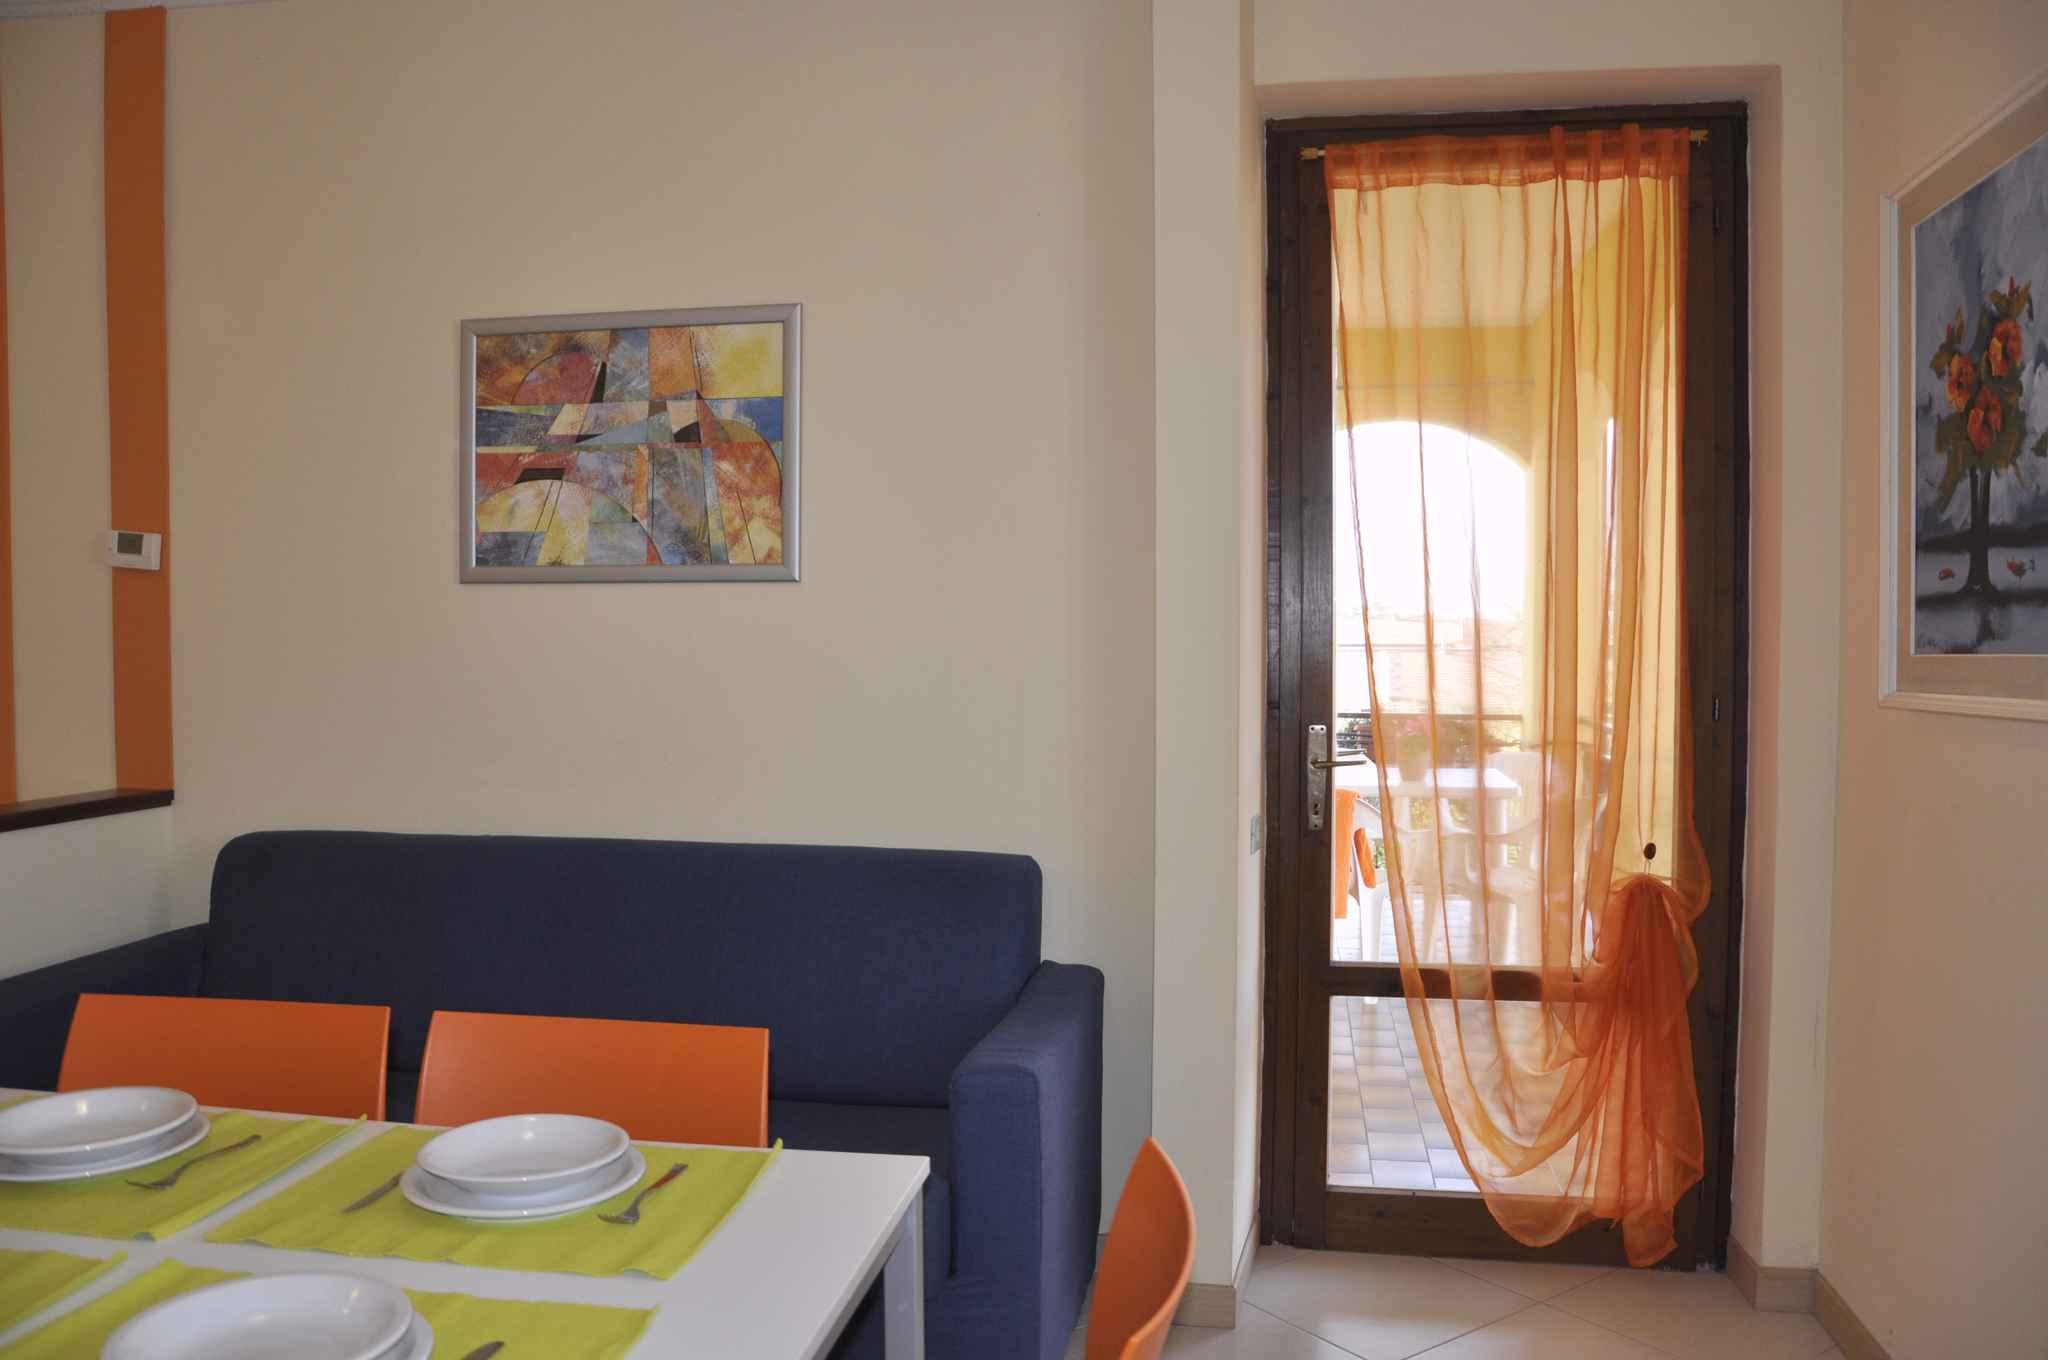 Ferienwohnung con piscina (279614), Lazise, Gardasee, Venetien, Italien, Bild 18